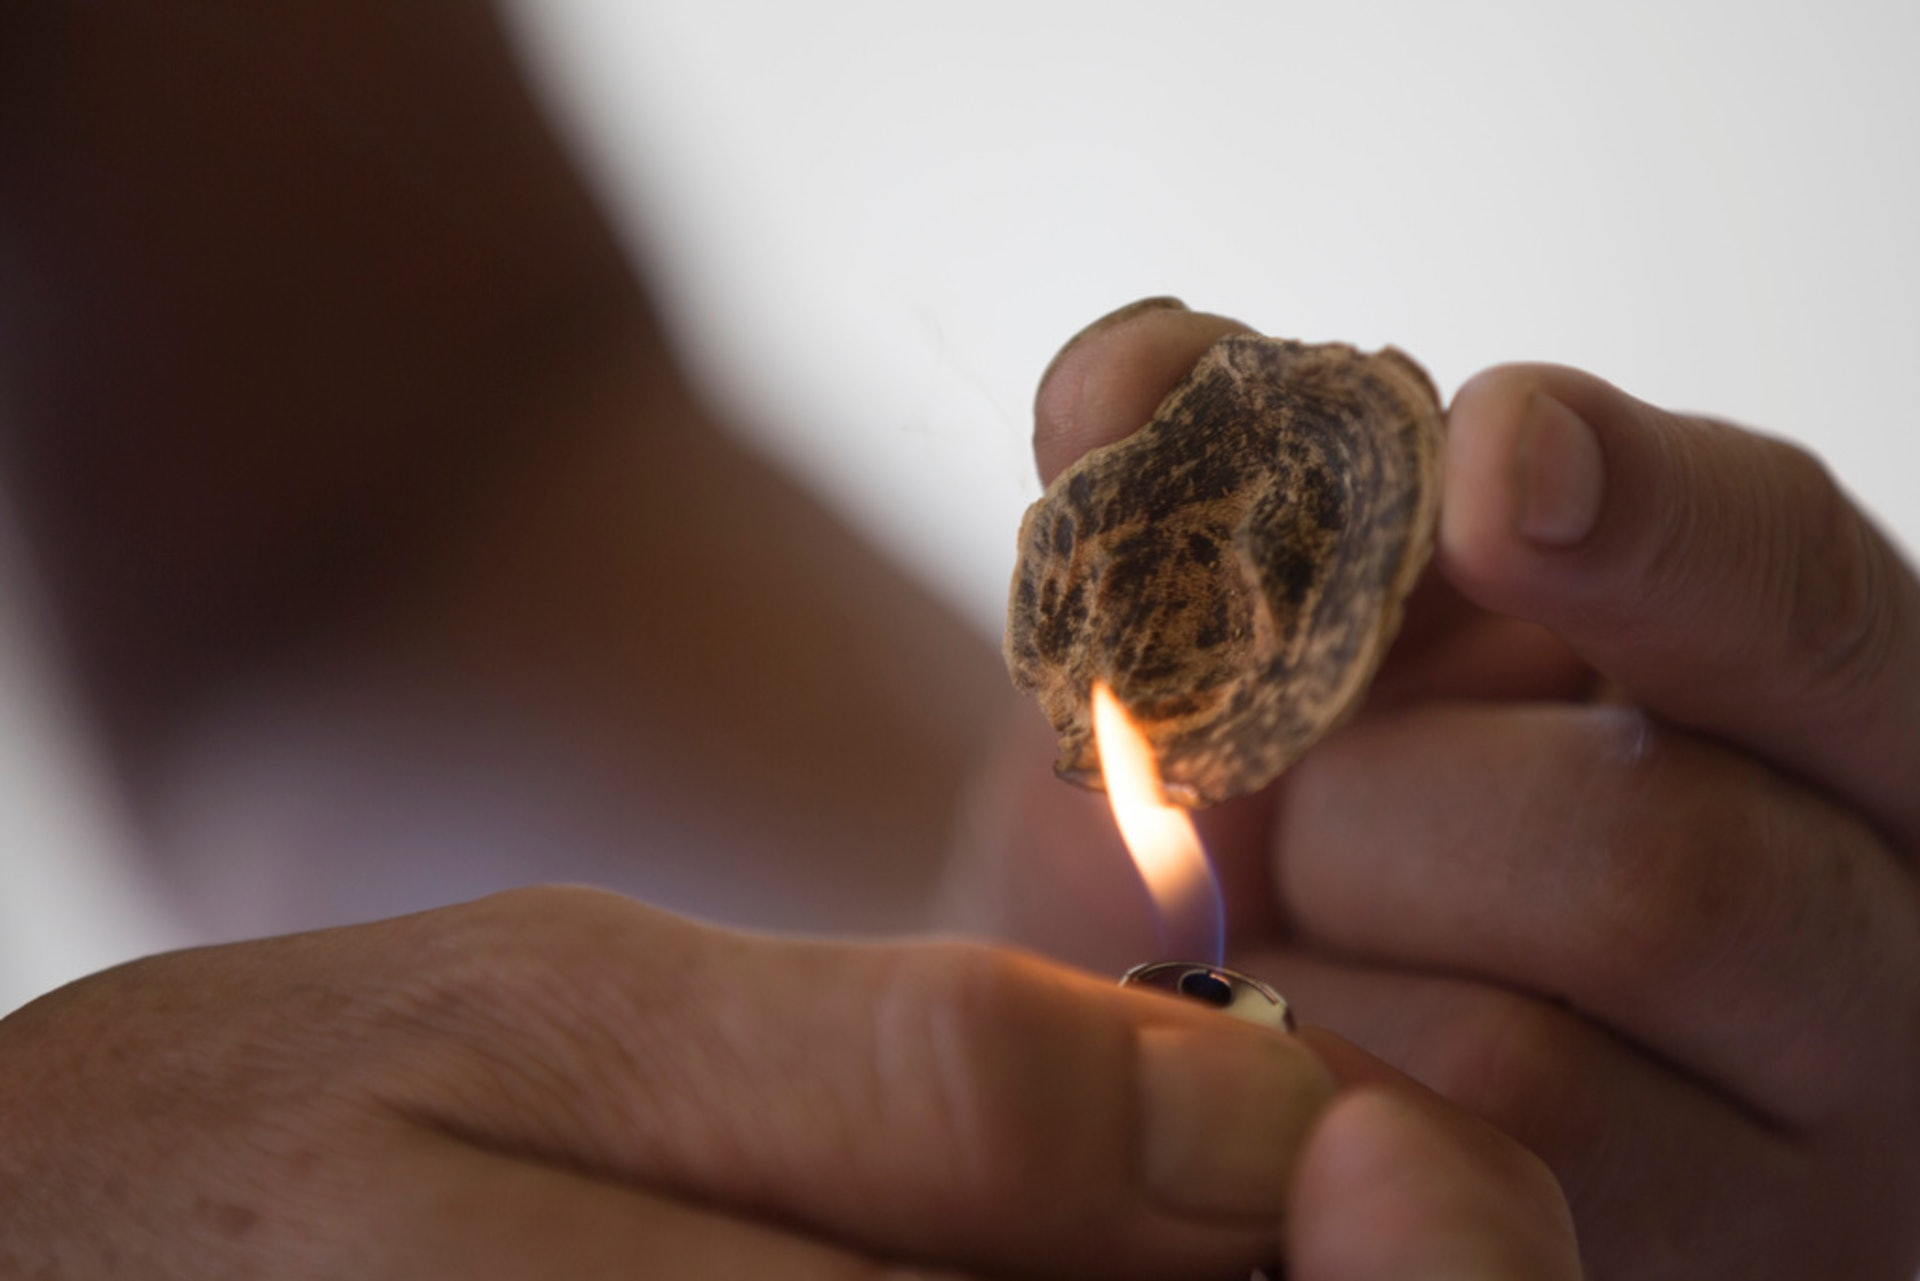 沉香香脂多數被用來製作香料,而沉香片每千克更可達58,000港幣。(羅君豪攝)